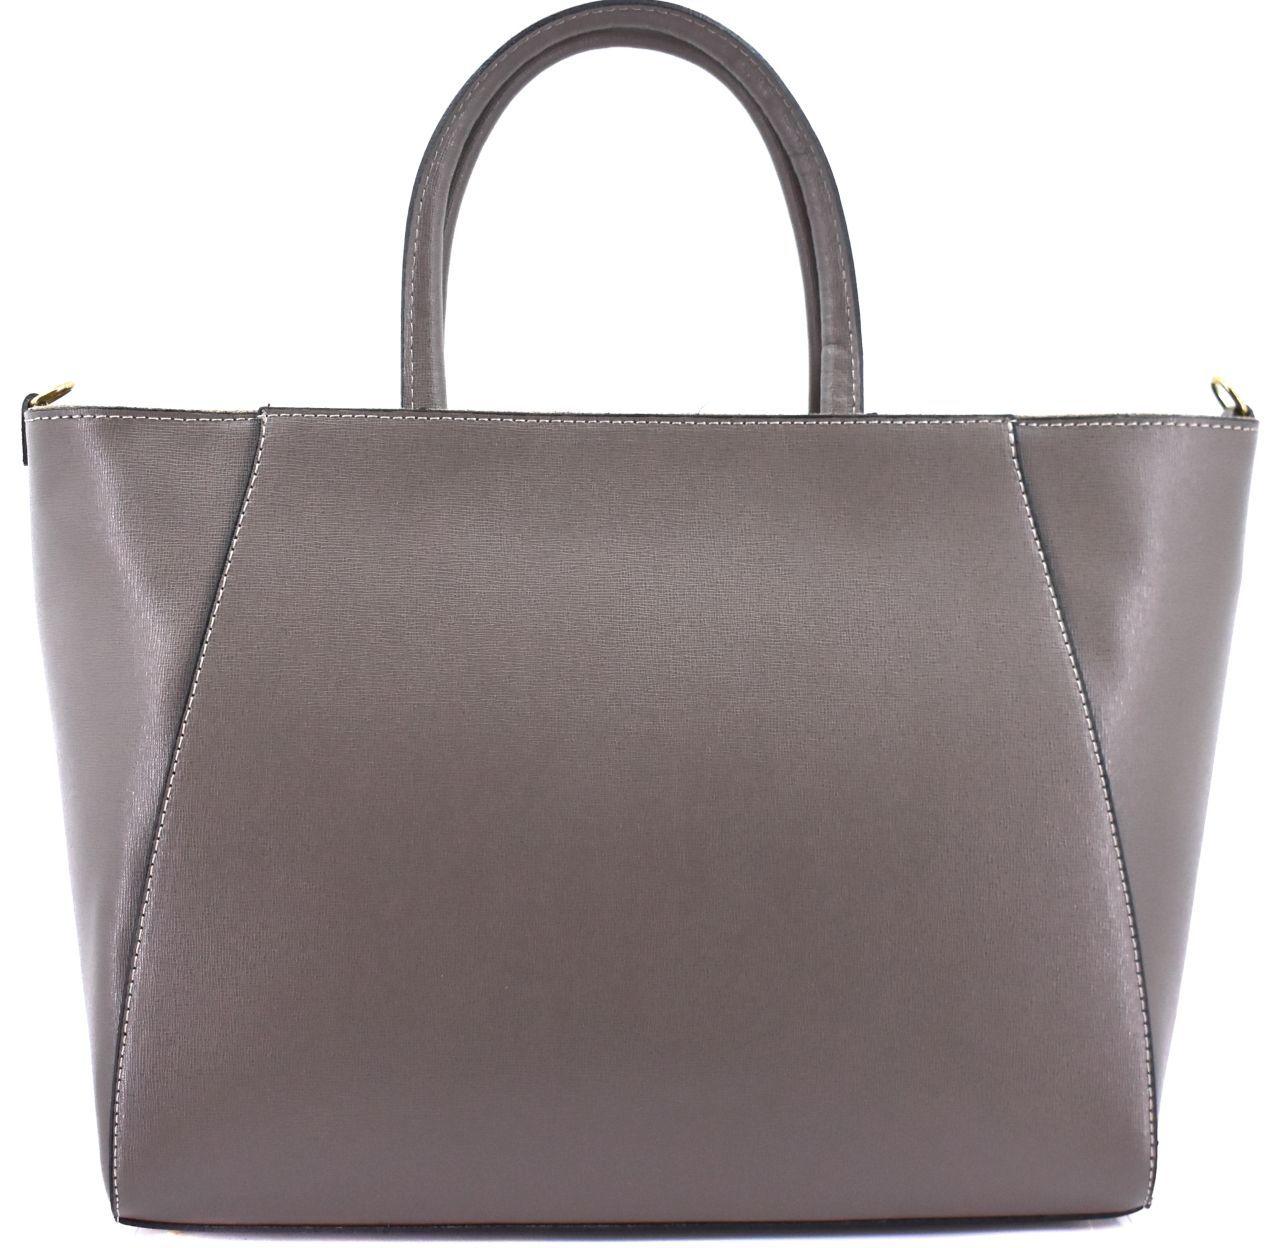 Moderní Shopper dámská kožená kabelka Arteddy - taupe 32454